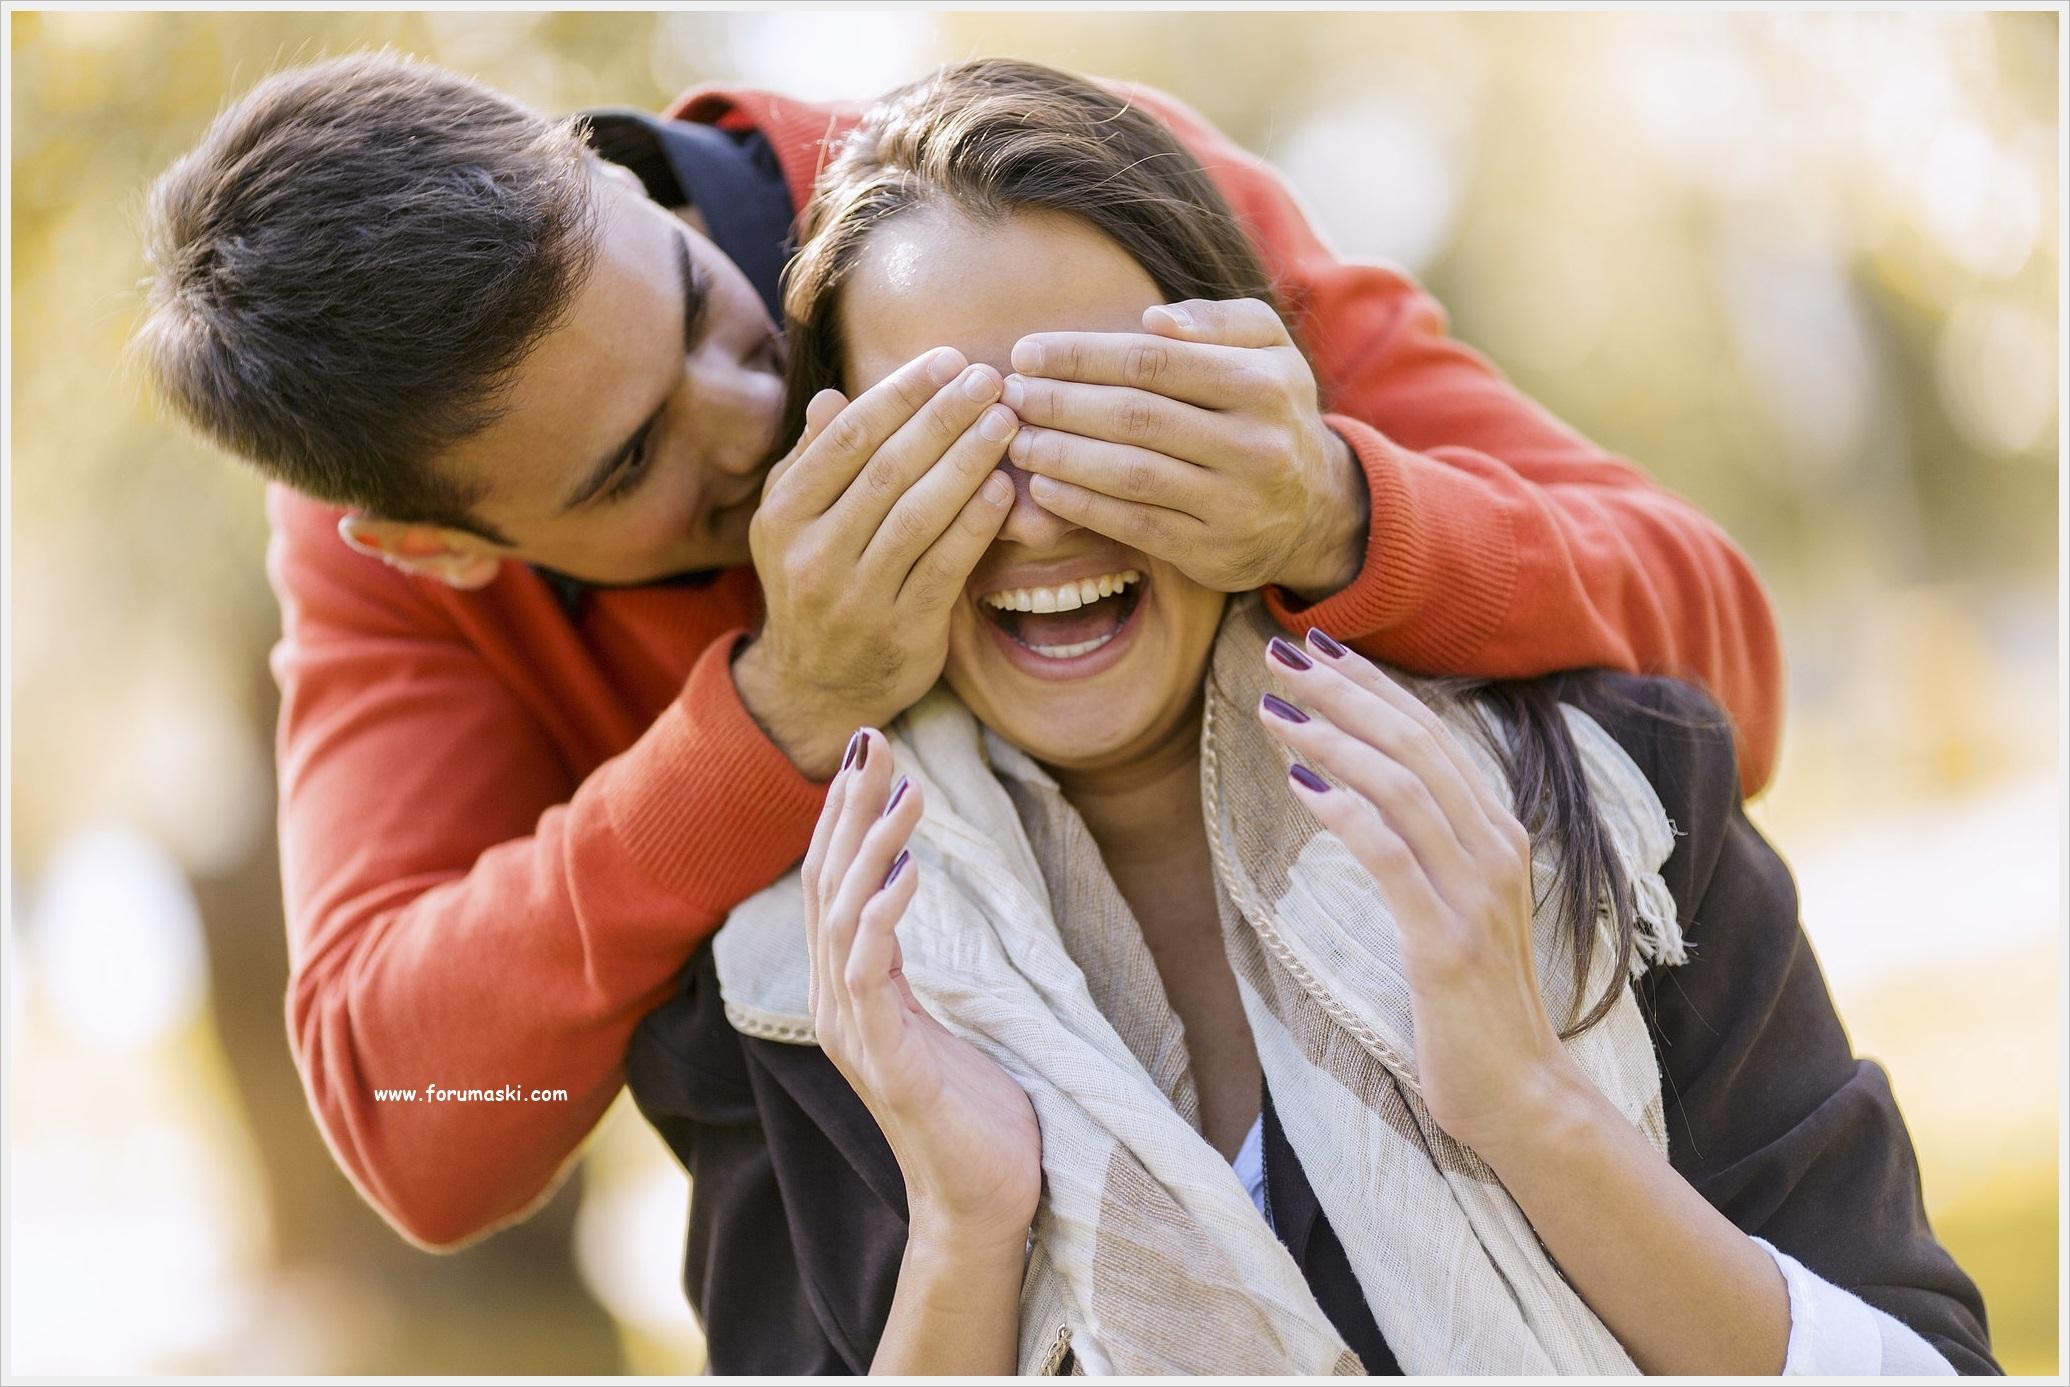 Фото пар с сайта знакомств 17 фотография